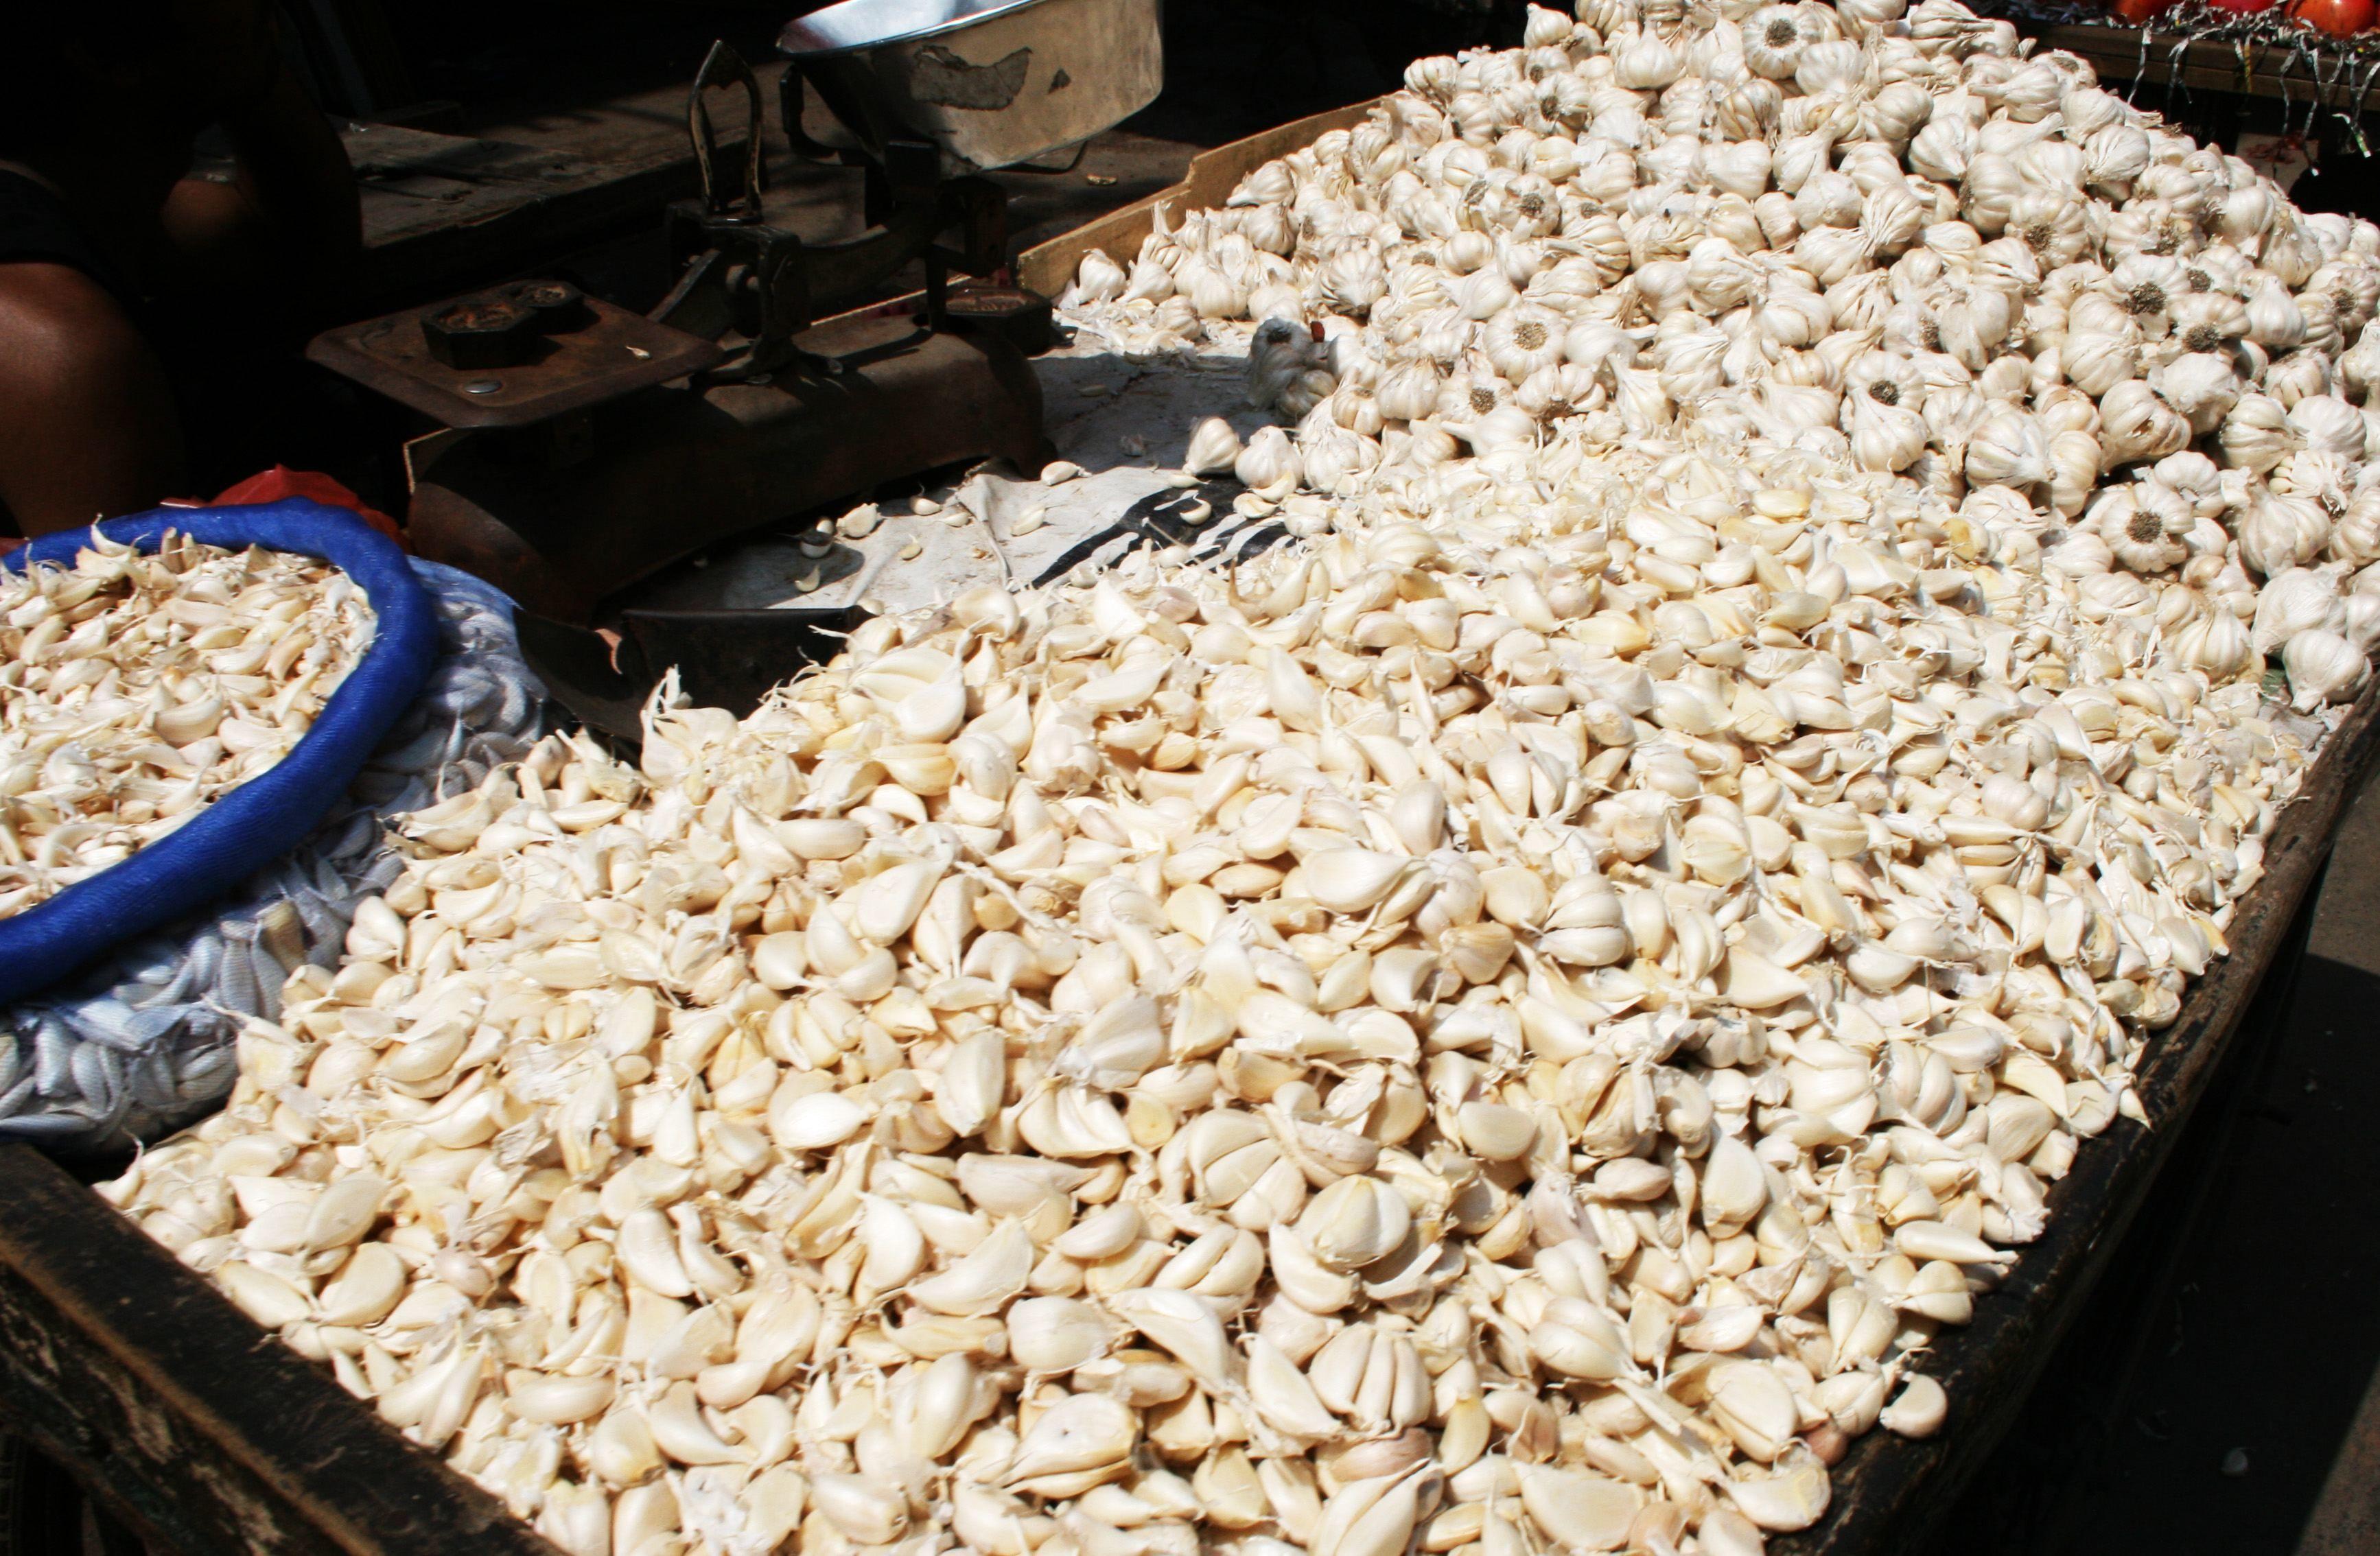 Knoblauch ist einer der Bestseller auf indischen Märkten